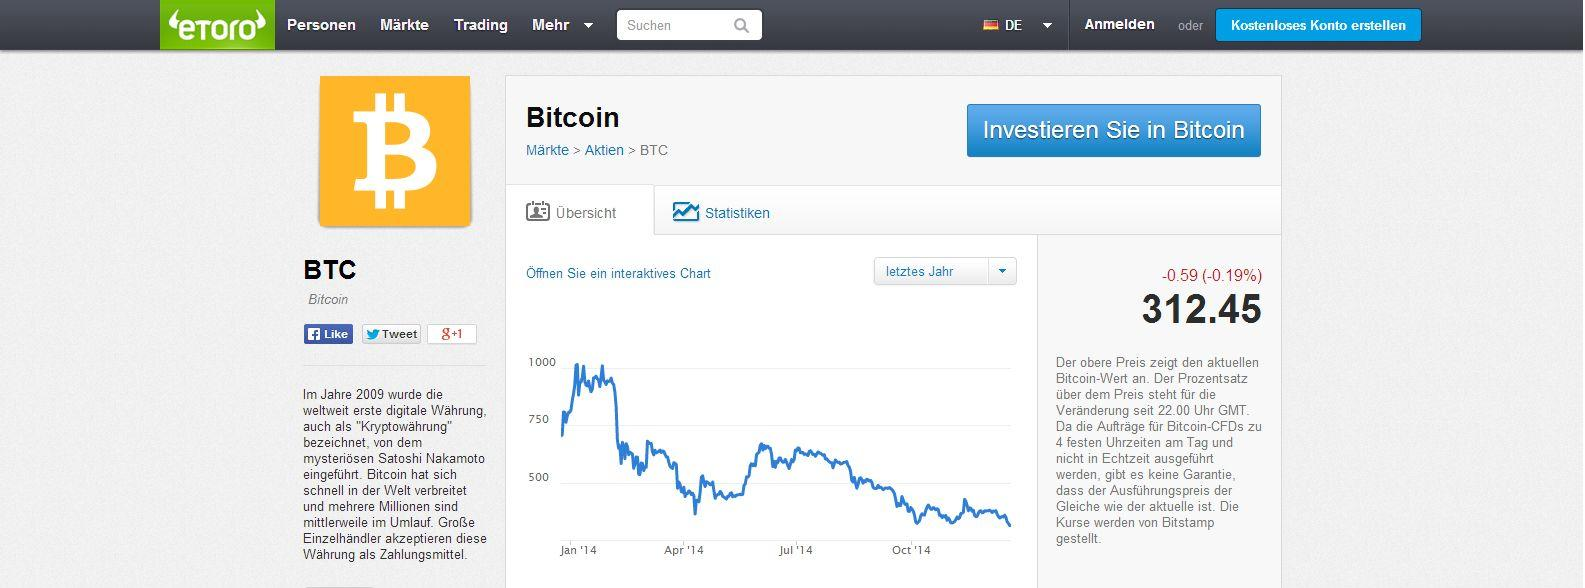 Nicht nur der Bitcoin ist auf der Social-Trading-Plattform eToro handelbar - es warten weitere Kryptowährungen